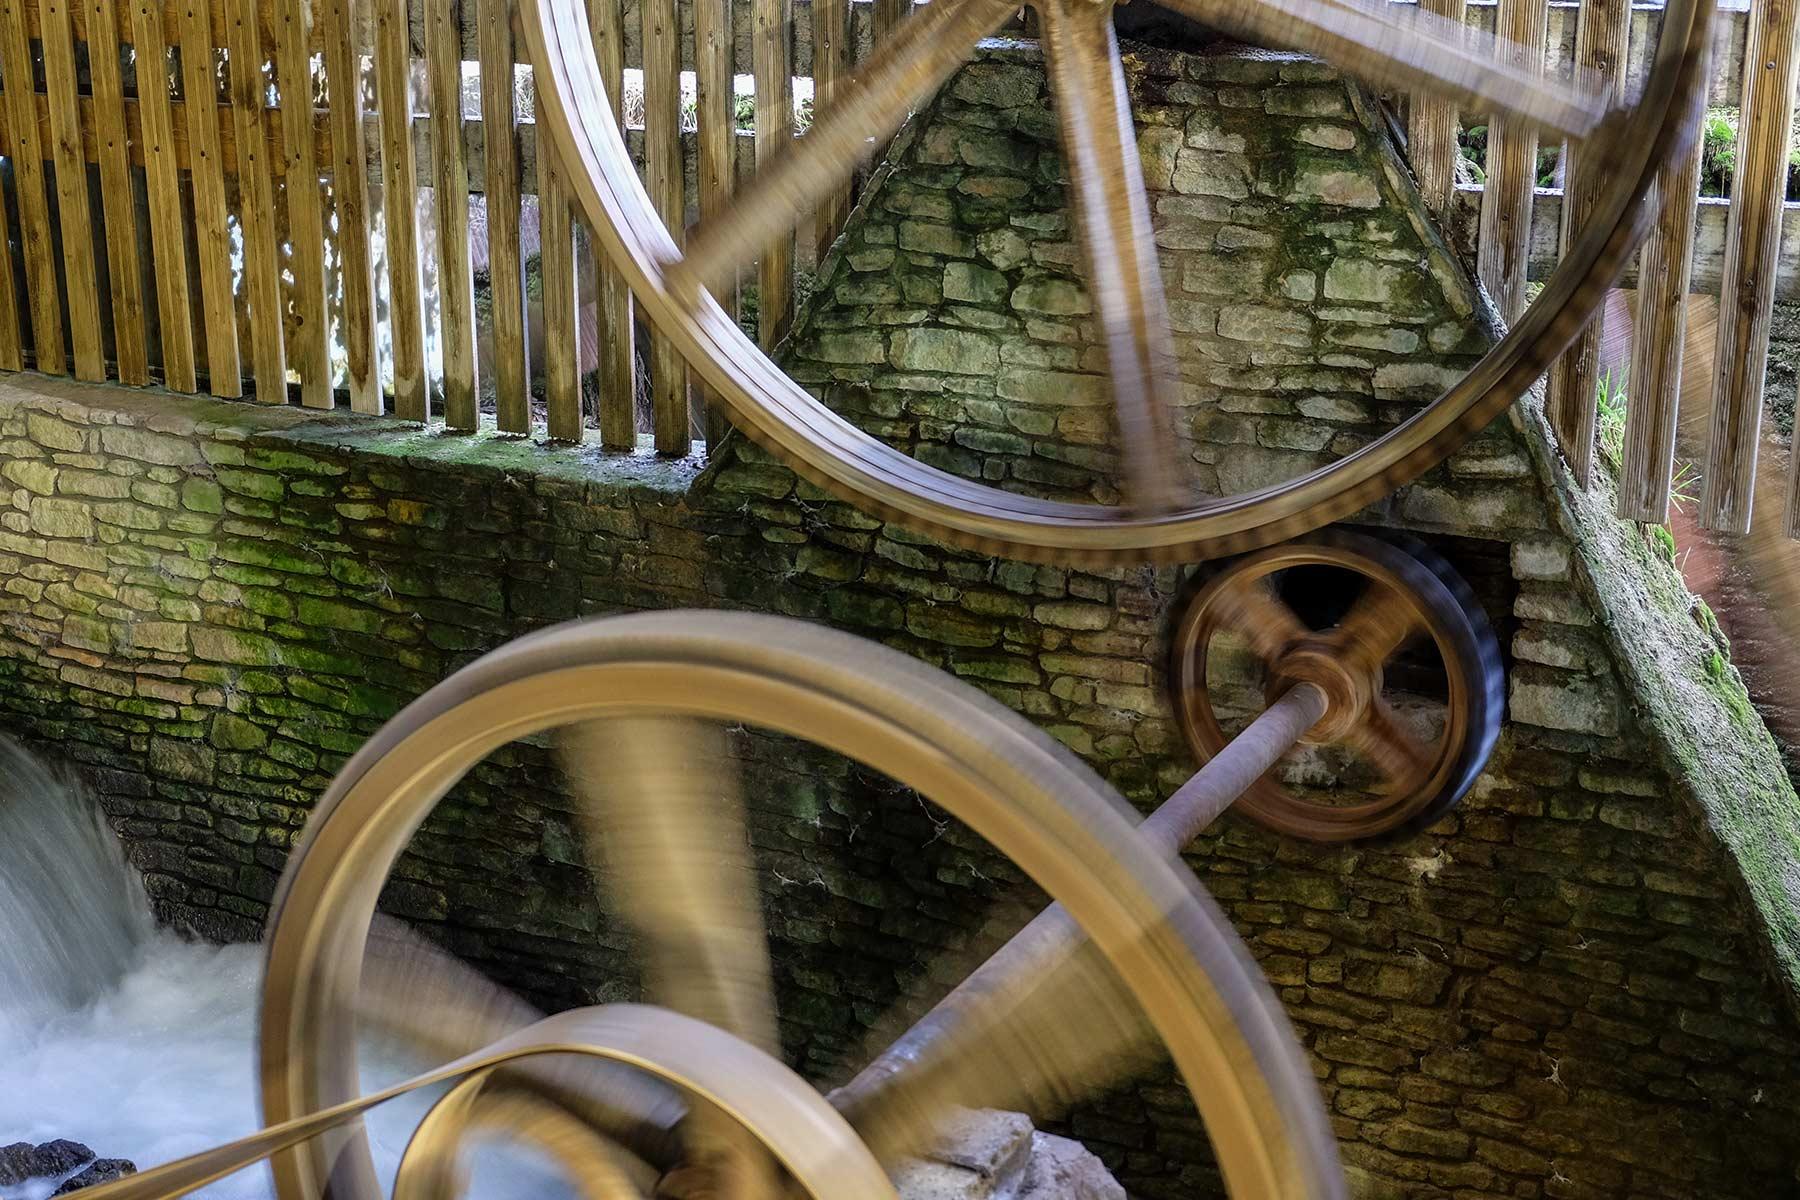 Mühlenrad einer alten Papiermühle in Fontaine de Vaucluse in der Provence, Frankreich